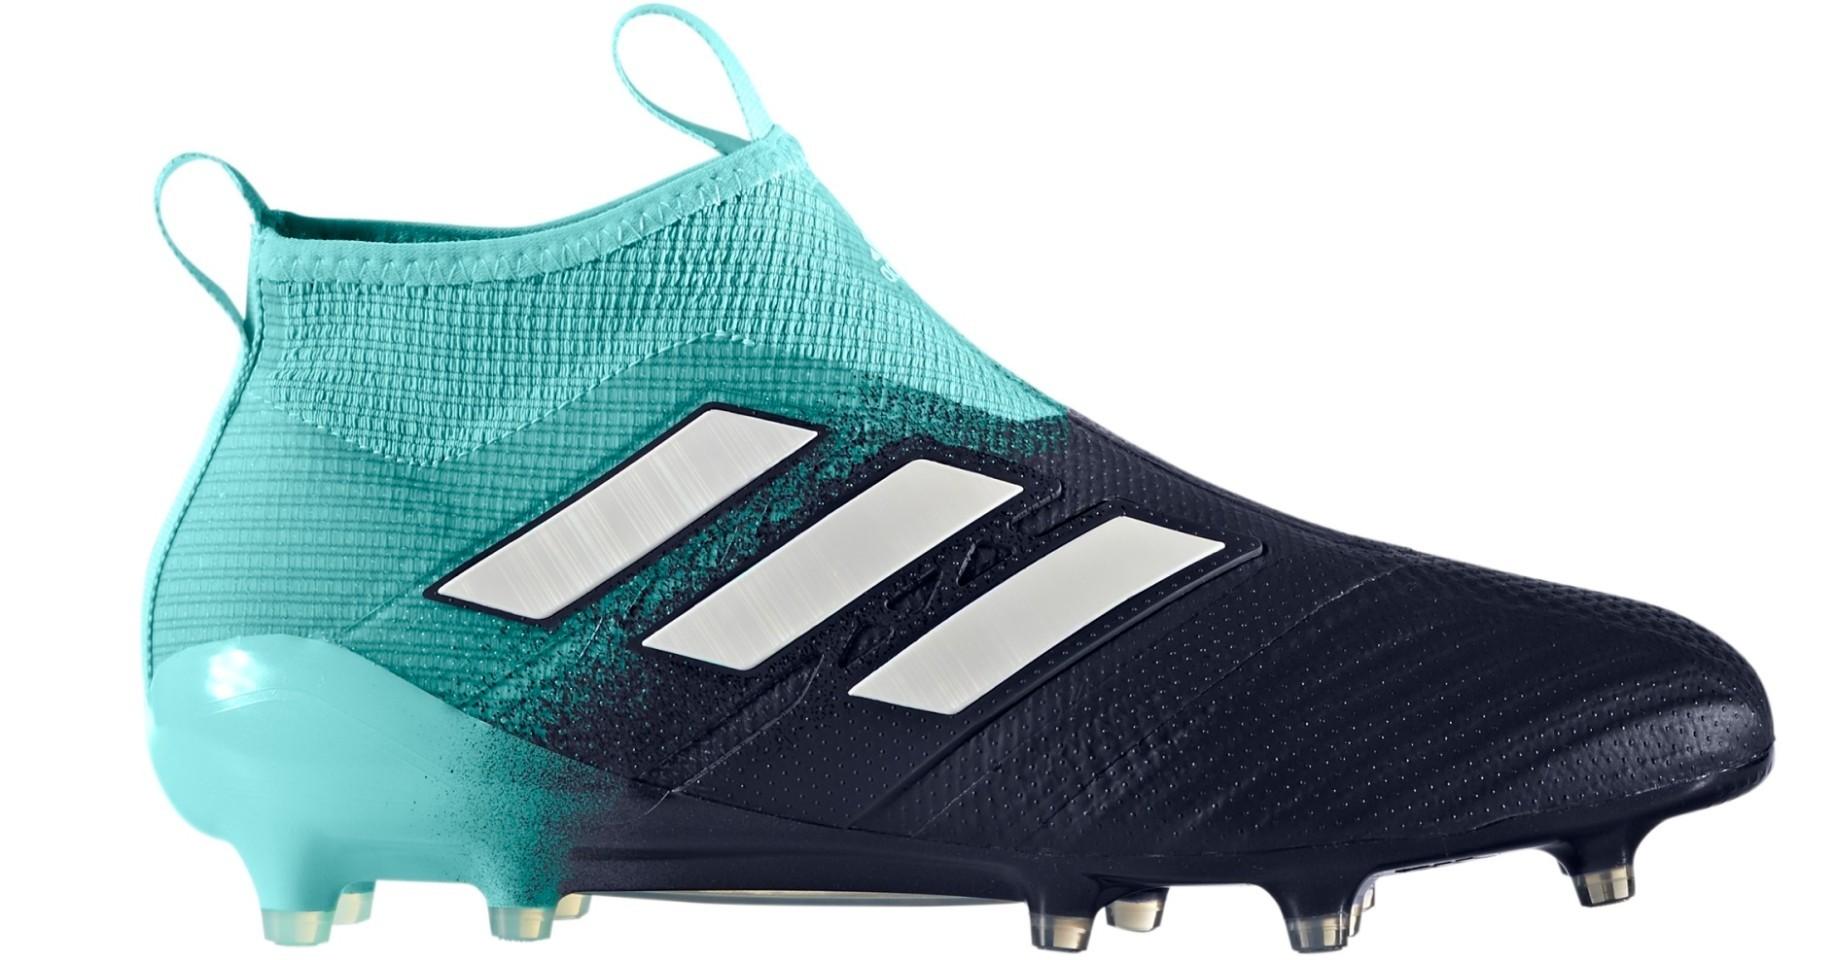 69b792bb433cf Acquista scarpe calcio adidas senza lacci